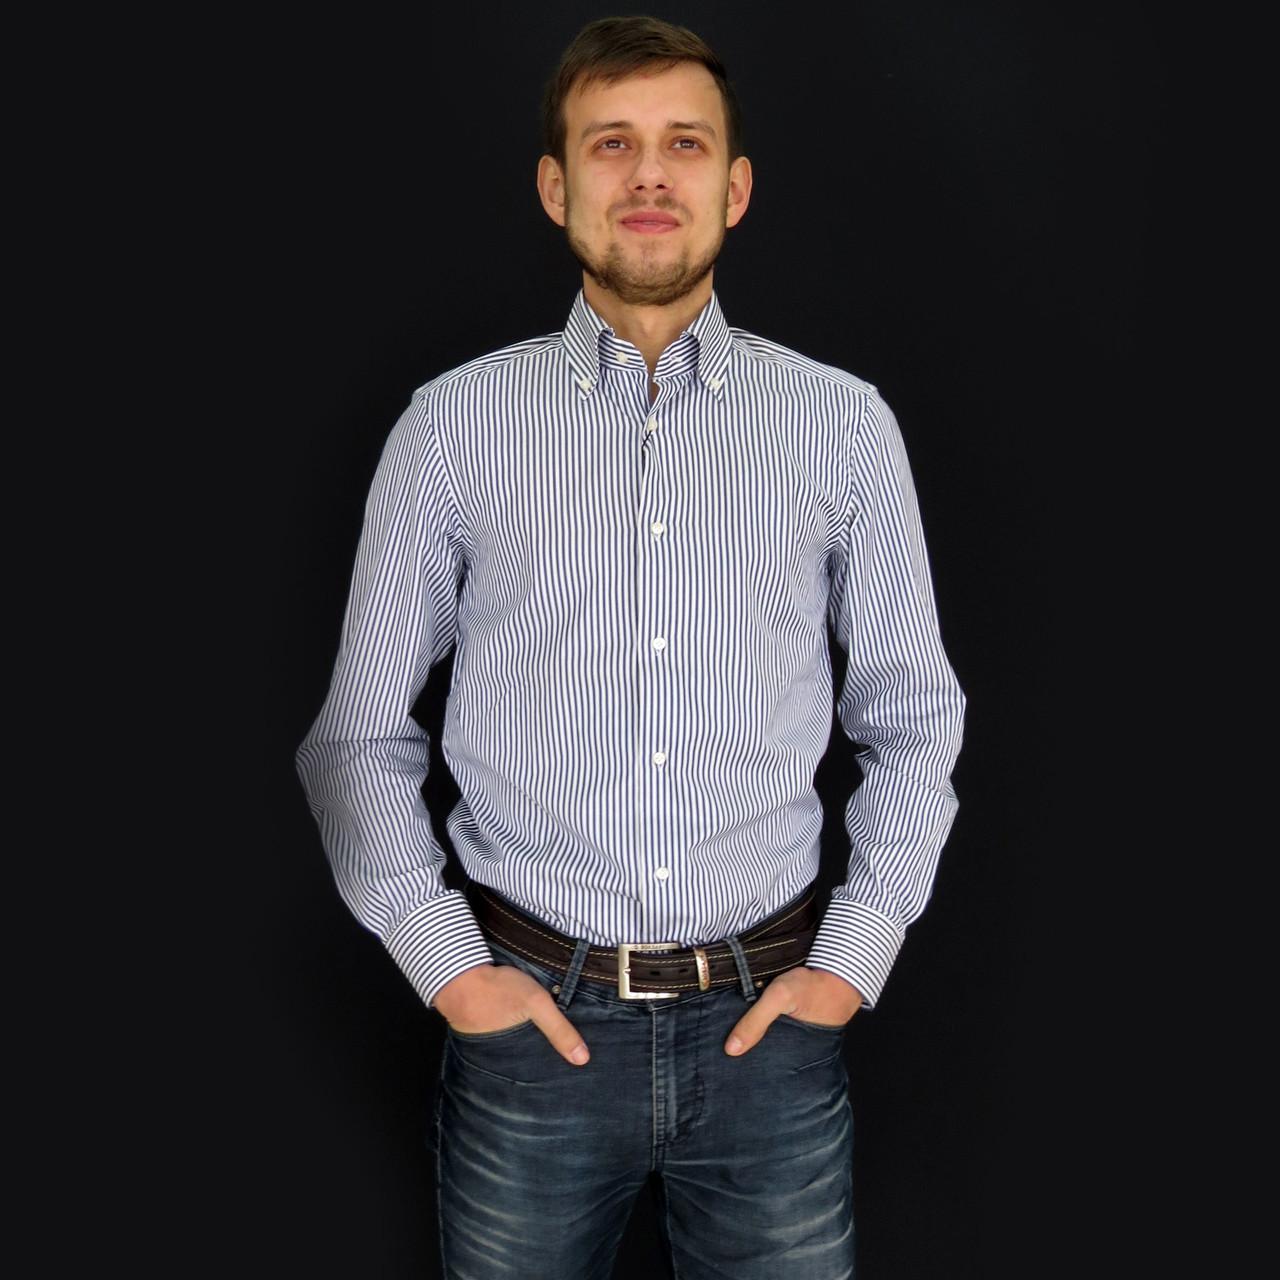 fad6e5034c1 Рубашка мужская в бело-синюю полоску. Длинный рукав